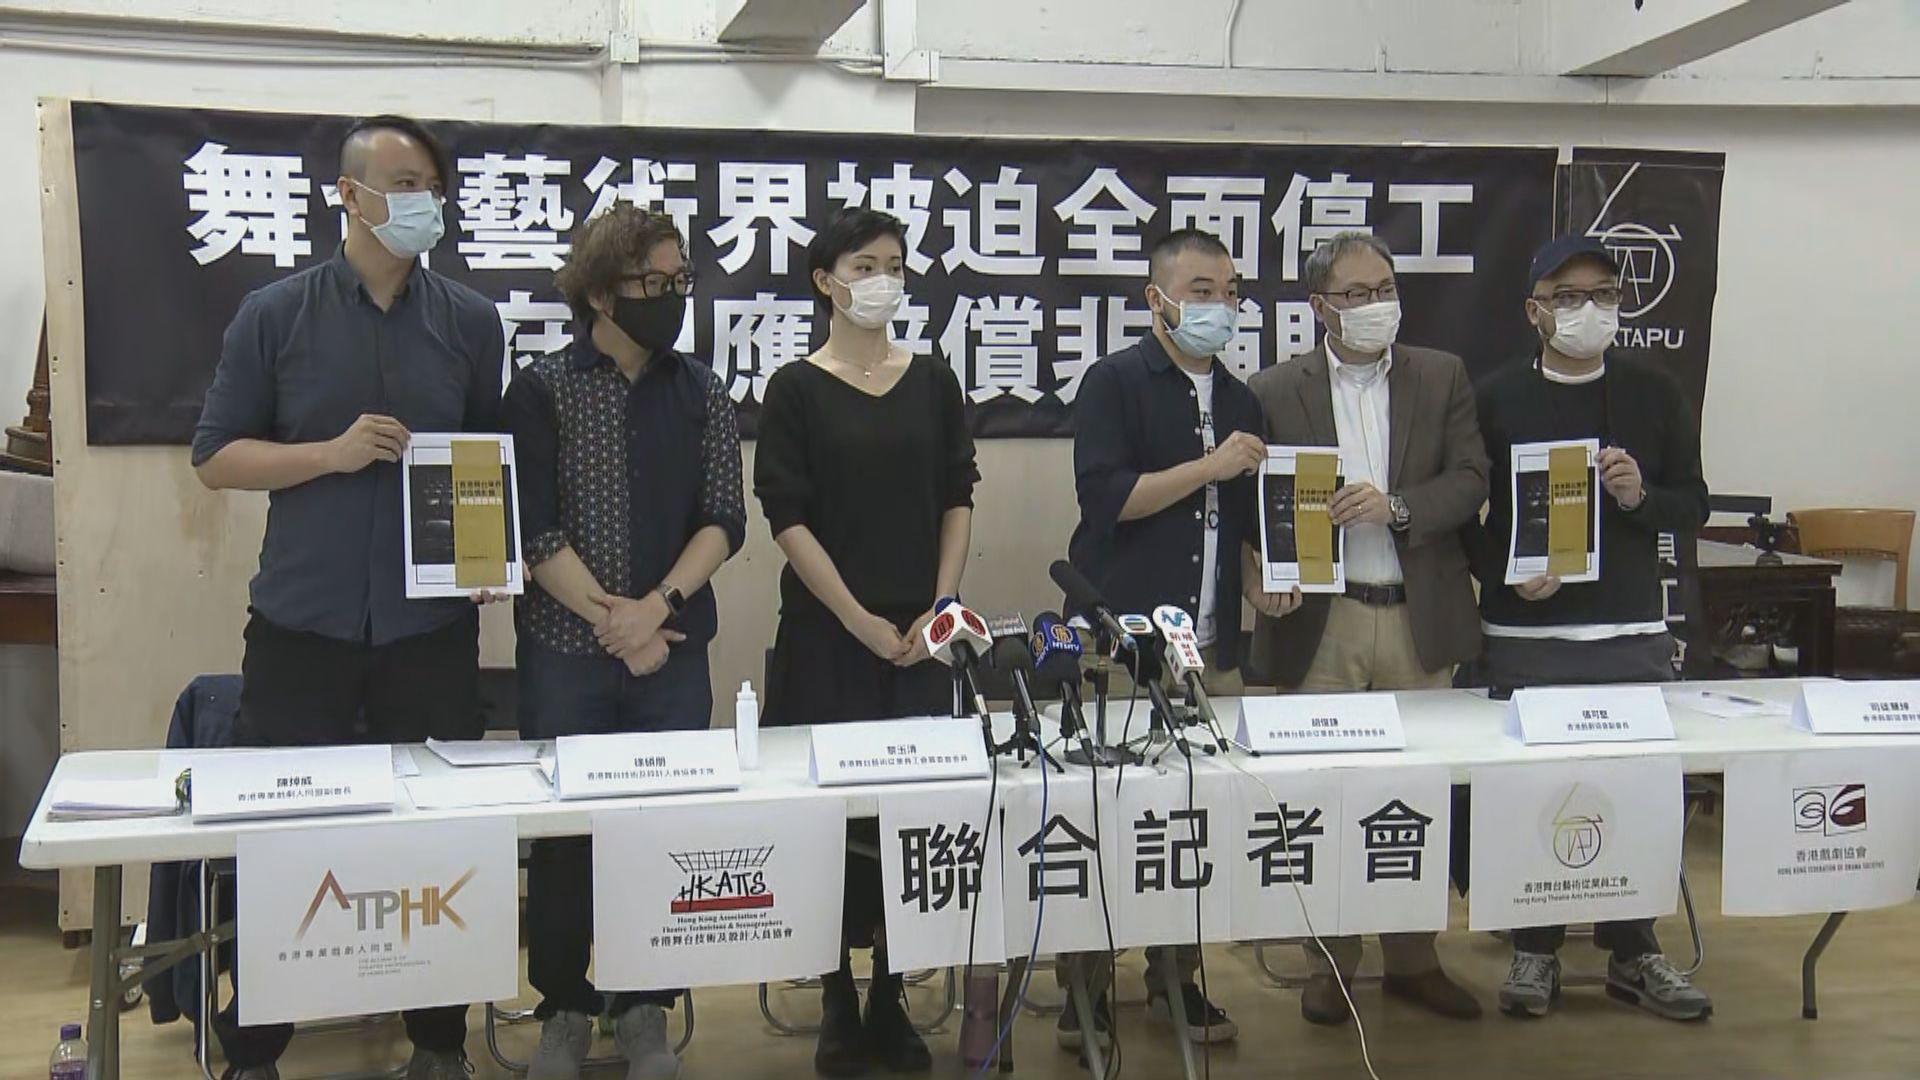 舞台藝術業界批評疫情下政府支援不足